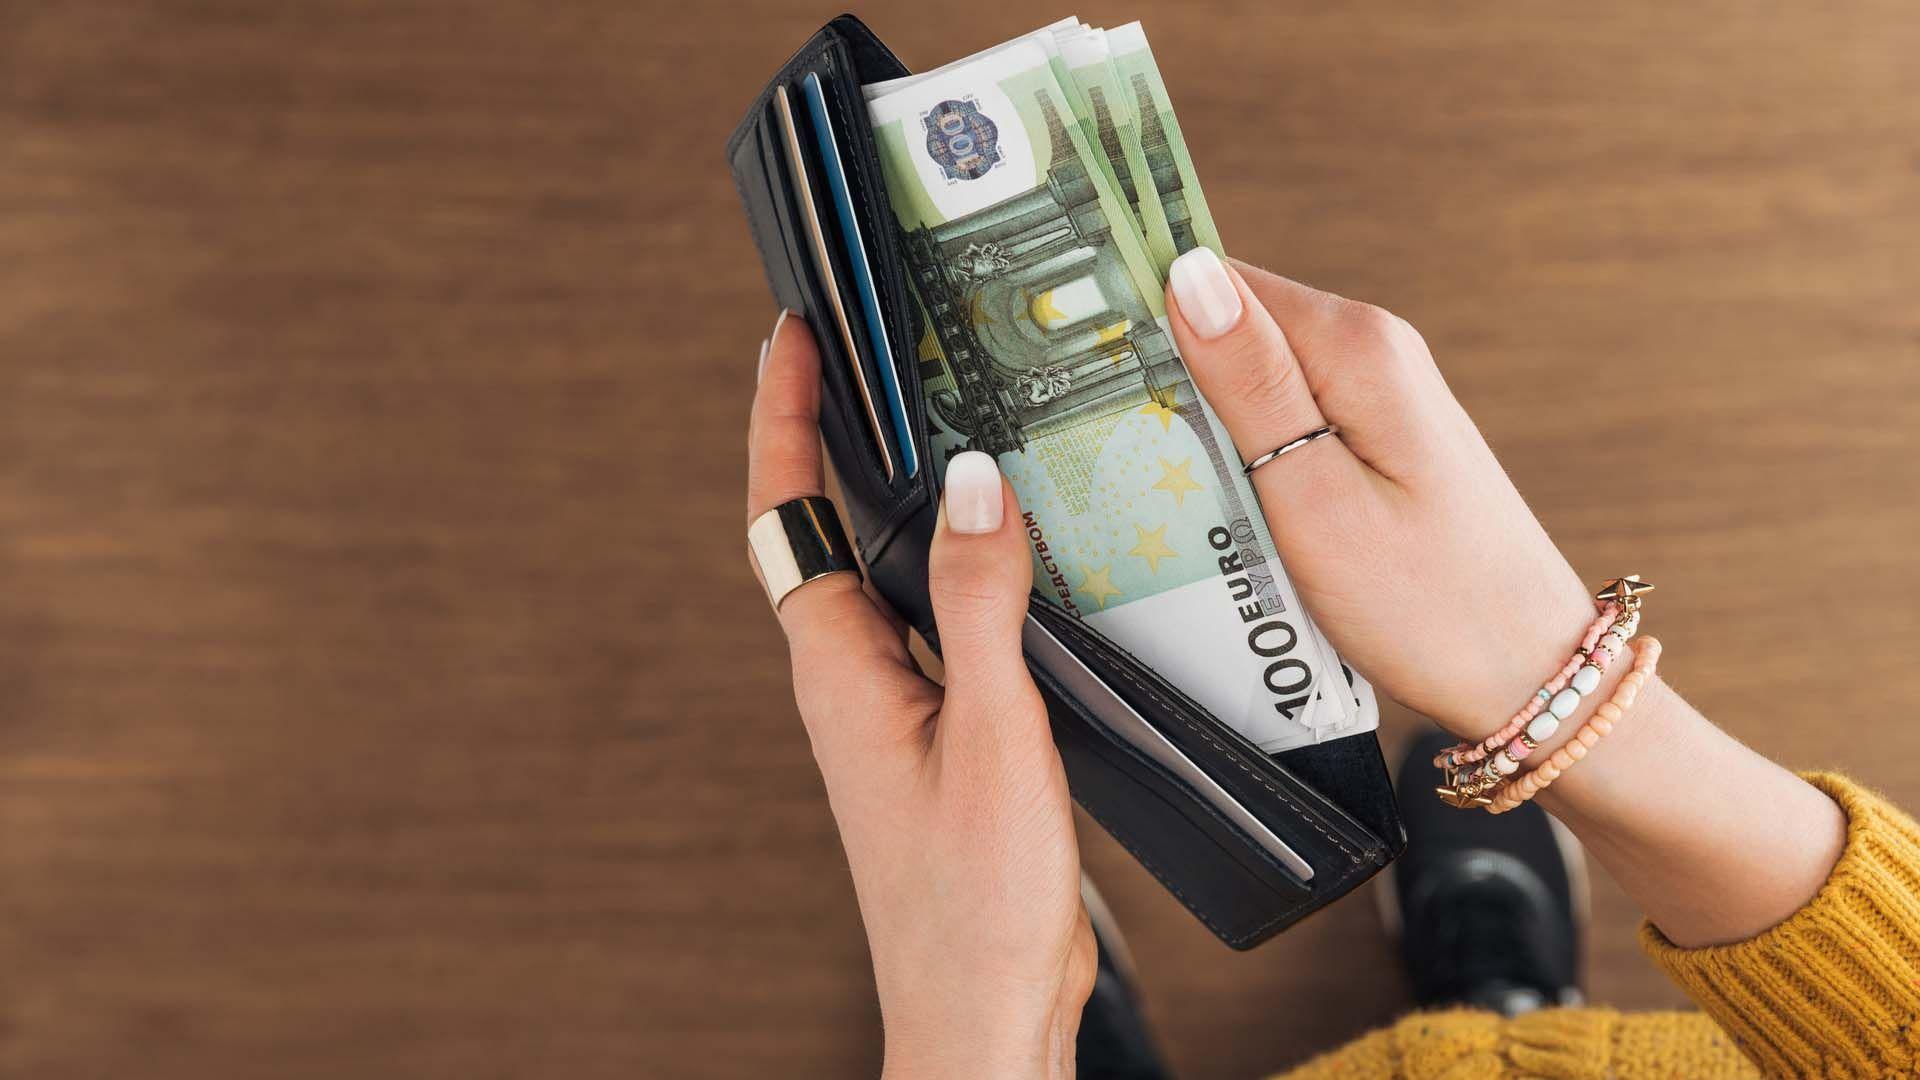 Bürgergeld statt Hartz IV: Bekommen in Zukunft alle Geld?